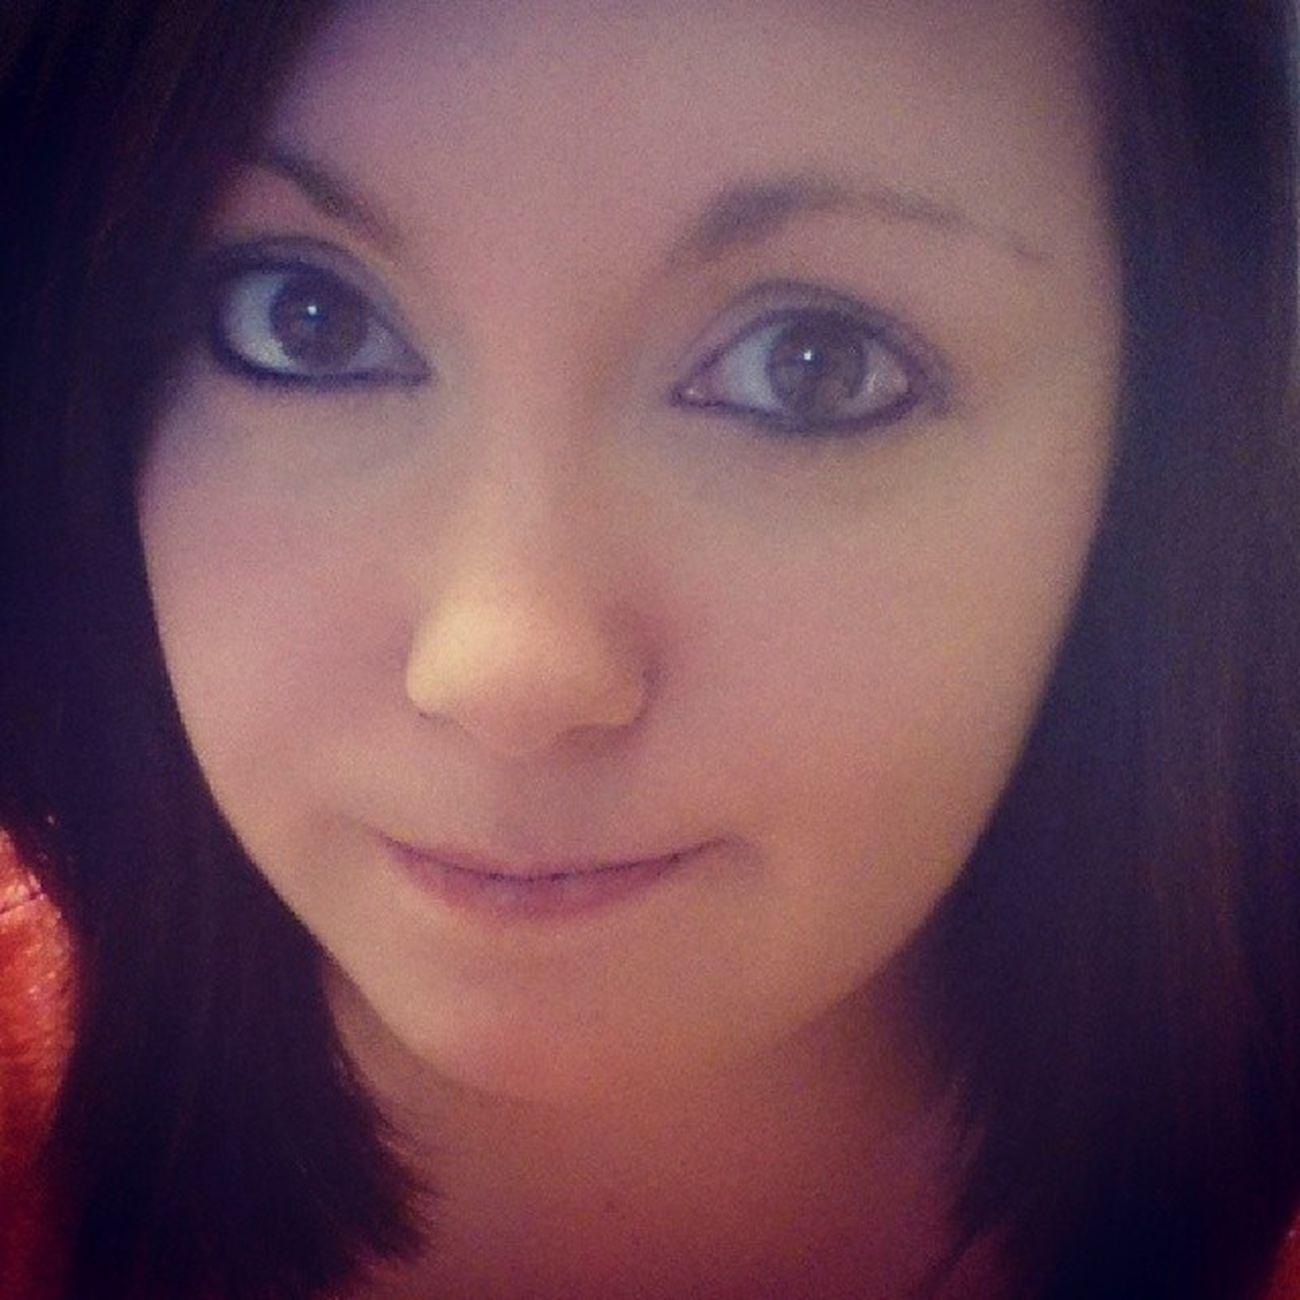 Selfie Ginger Filter Smileplease